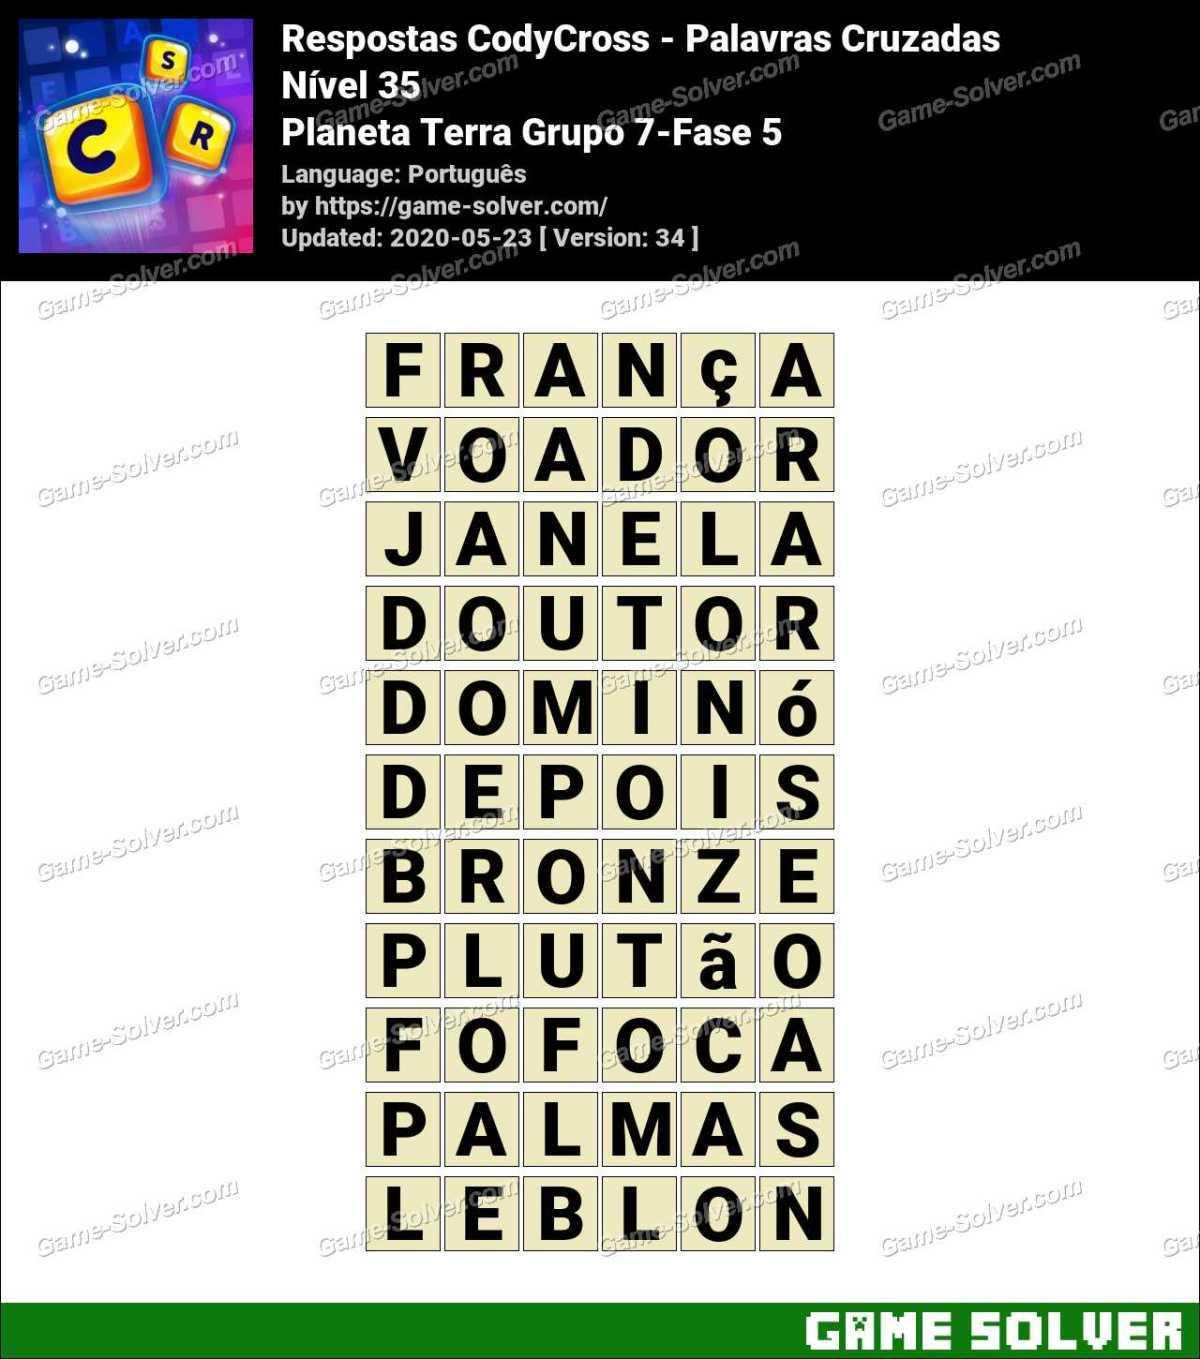 Respostas CodyCross Planeta Terra Grupo 7-Fase 5